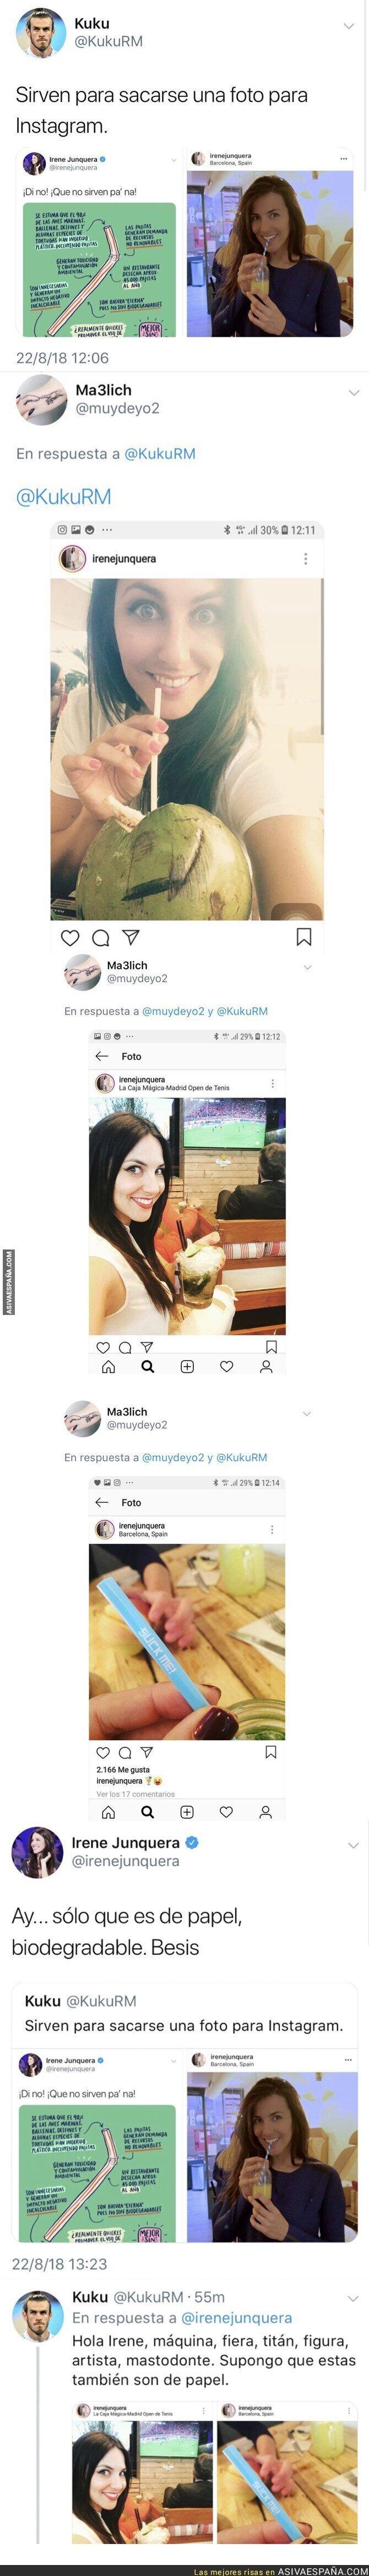 91591 - Un tuitero deja en ridículo a Irene Junquera al posar con pajitas en Instagram, ella contesta y queda aún peor